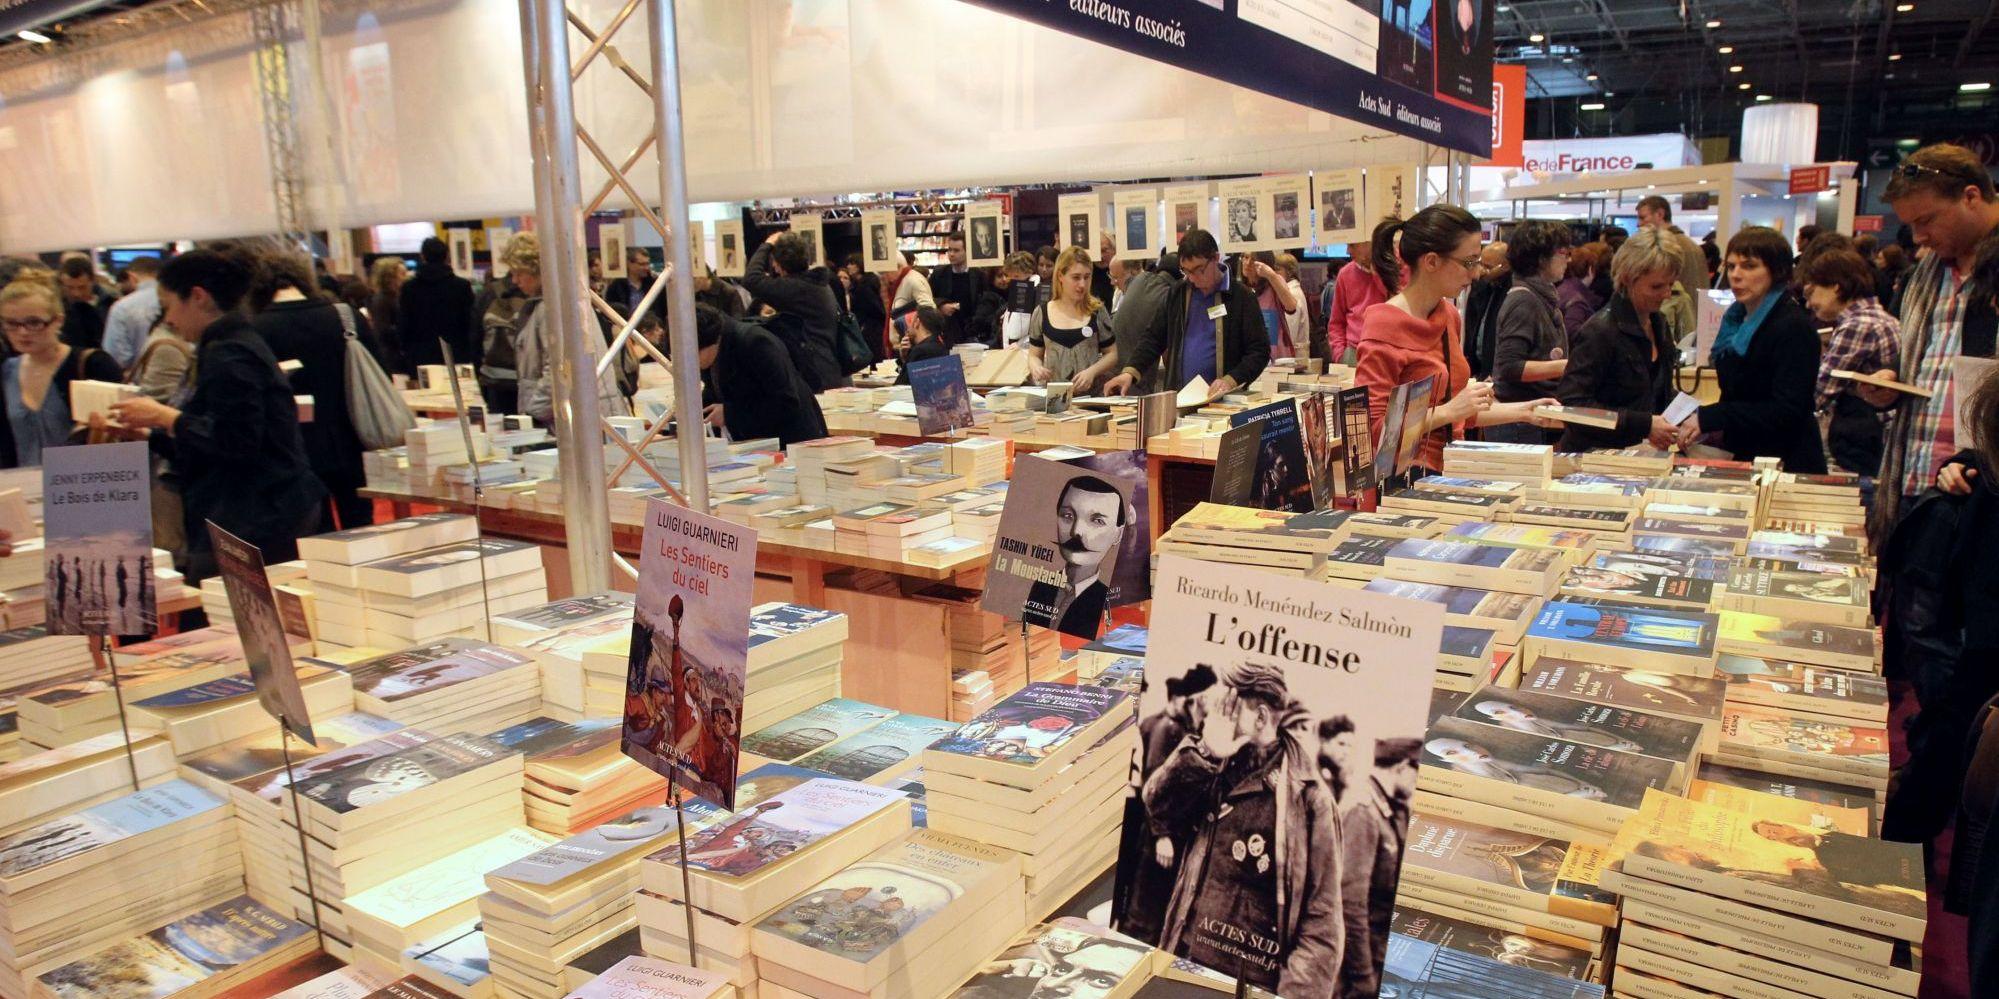 La fondation alliances prim e au salon du livre de paris for Salon du ce paris